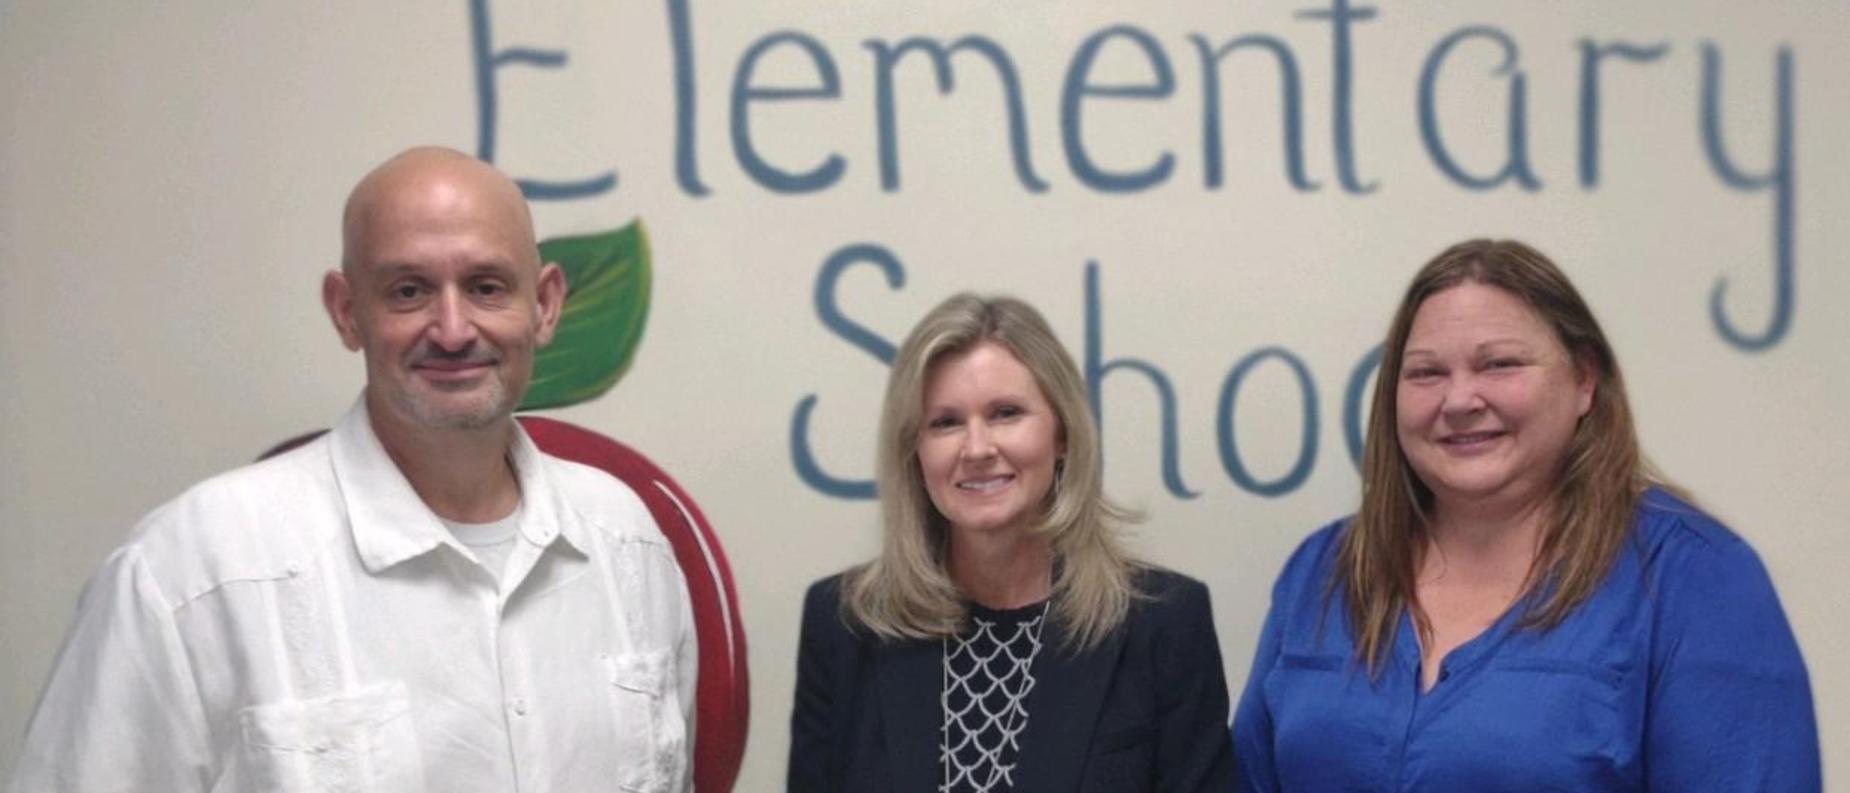 Memorial Elementary Admin